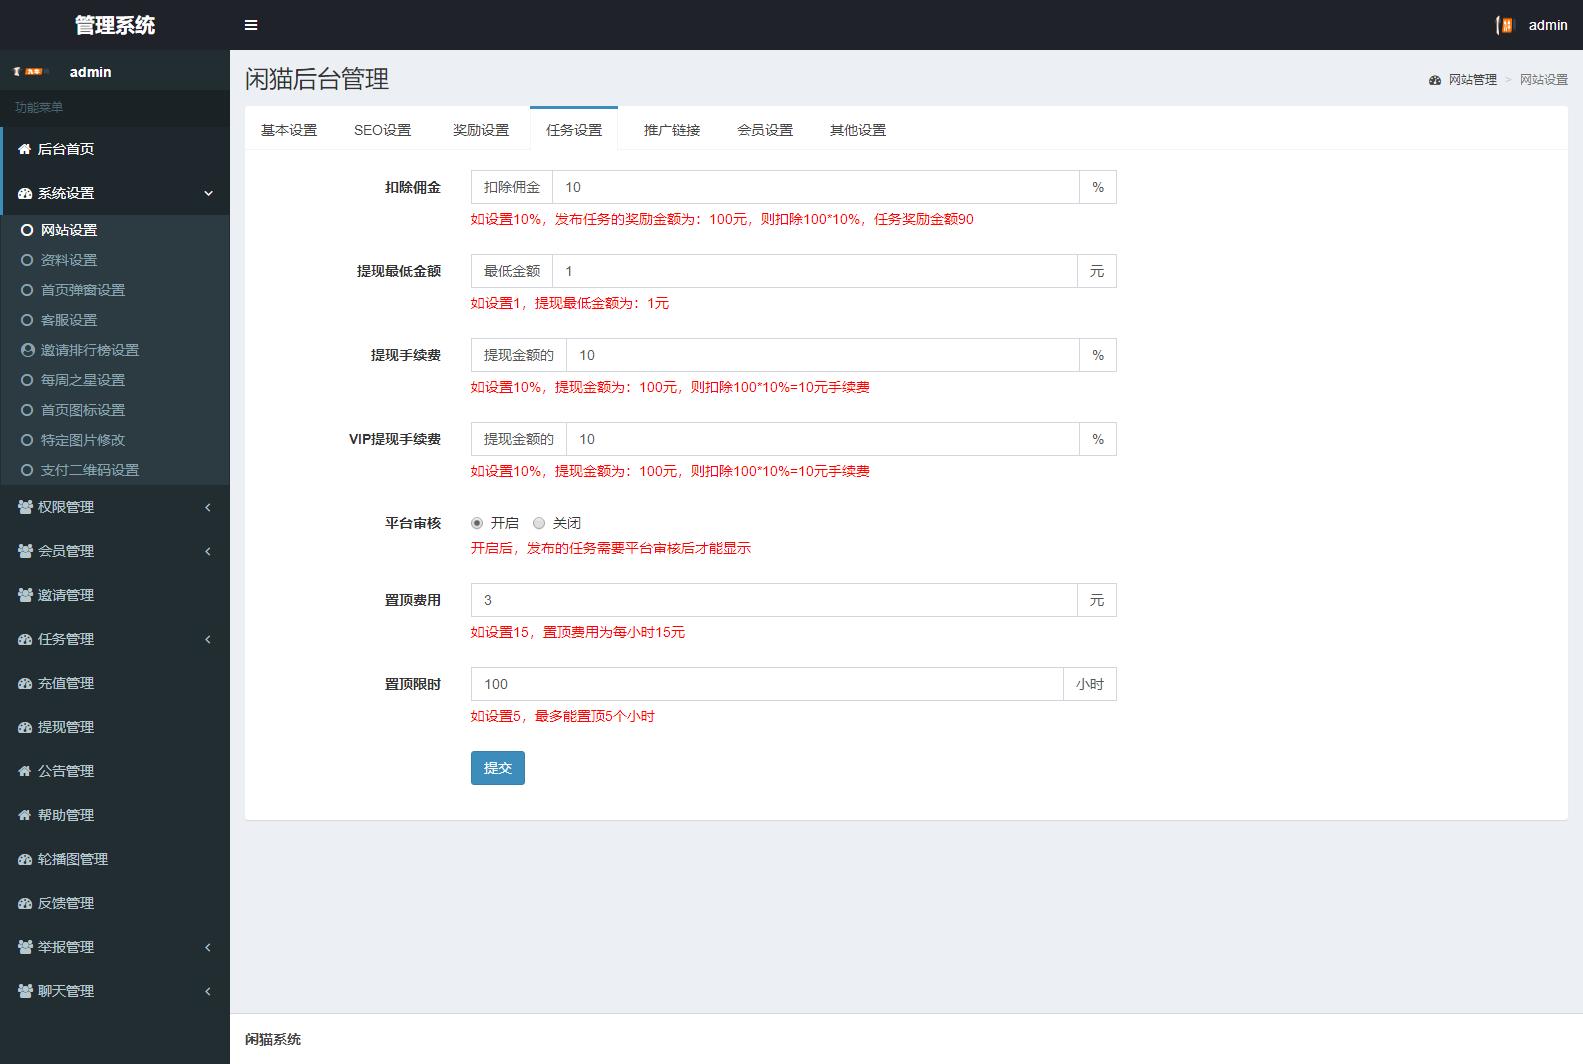 价值1500的全新UI众人帮任务帮PHP源码 悬赏任务抖音快手头条点赞源码 带三级分销可封装小程序 网站源码图片